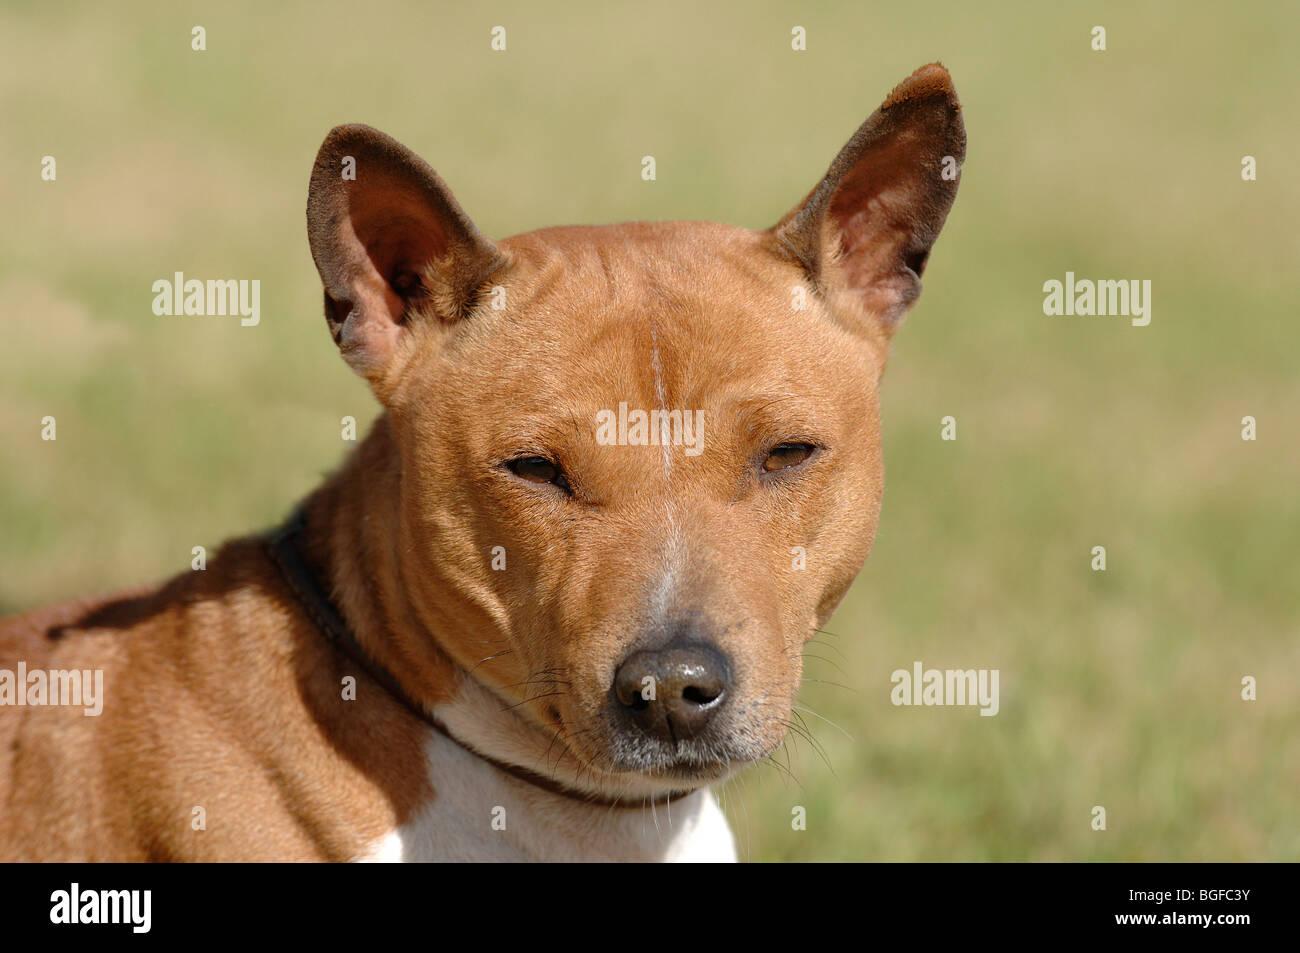 basenji dog - Stock Image